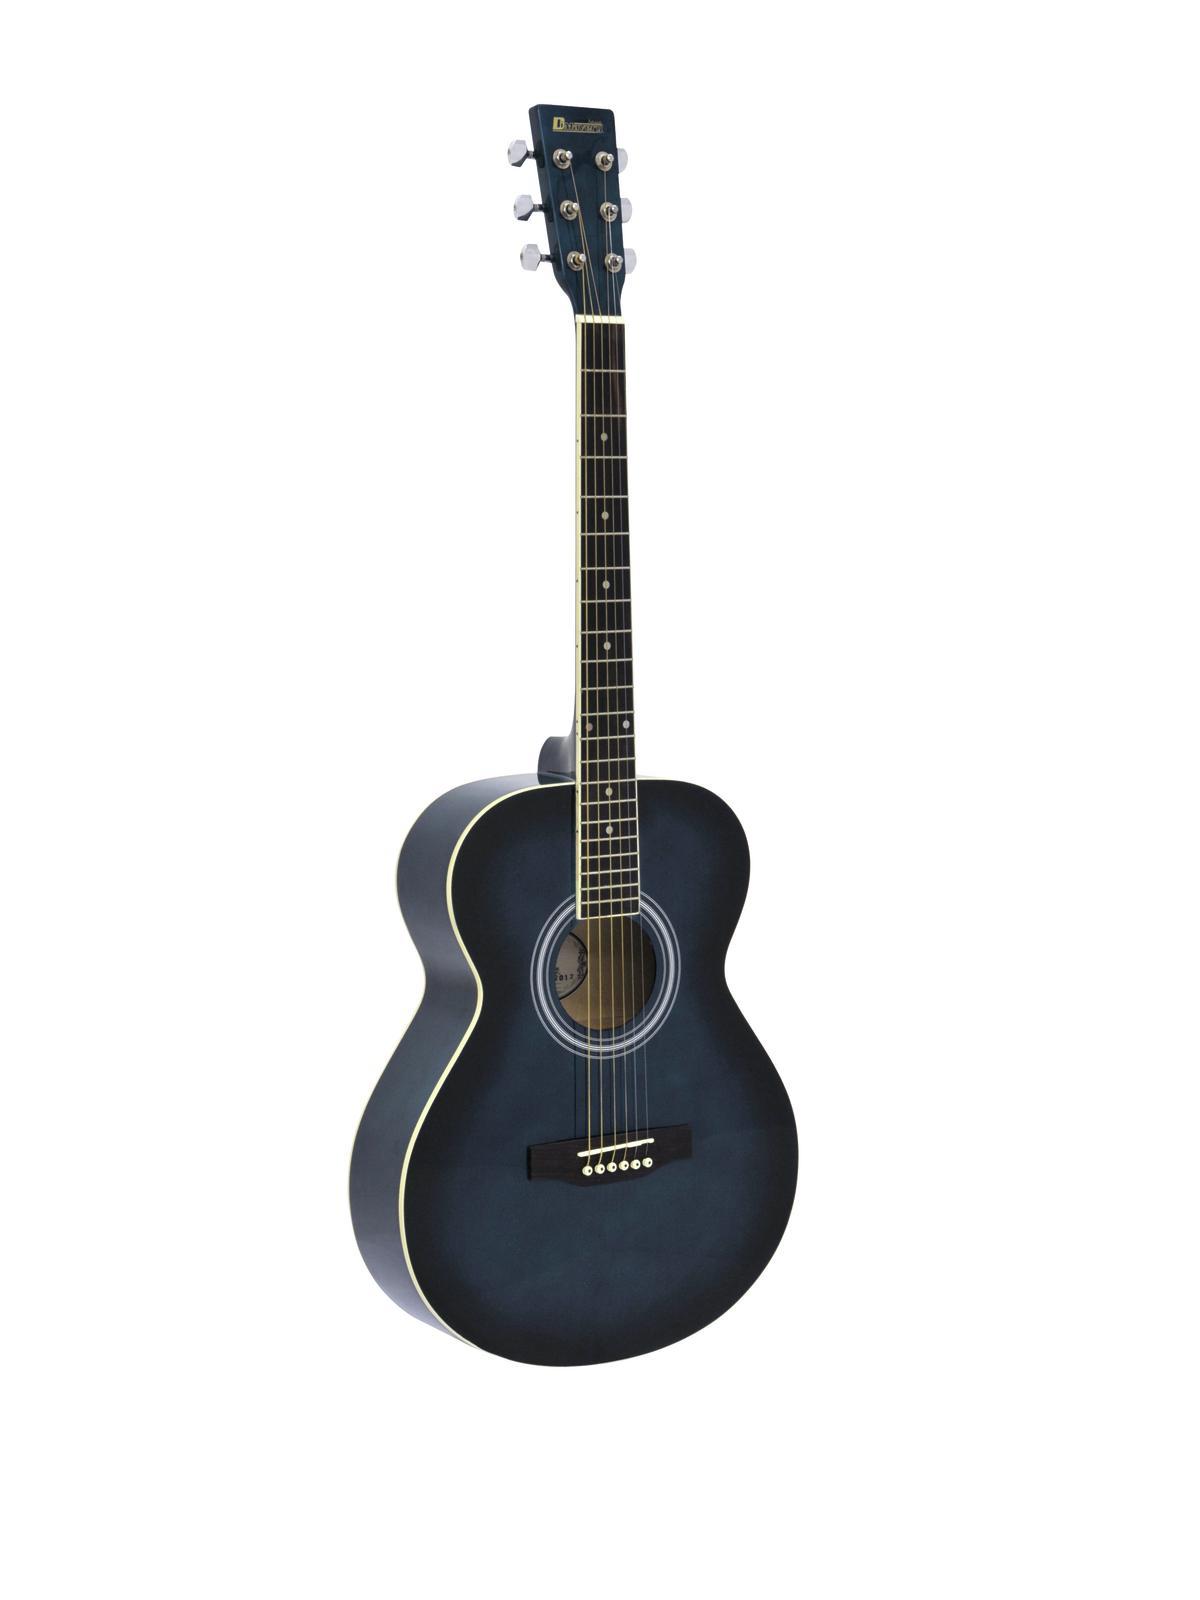 Fotografie Dimavery AW-303 westernová kytara, černá